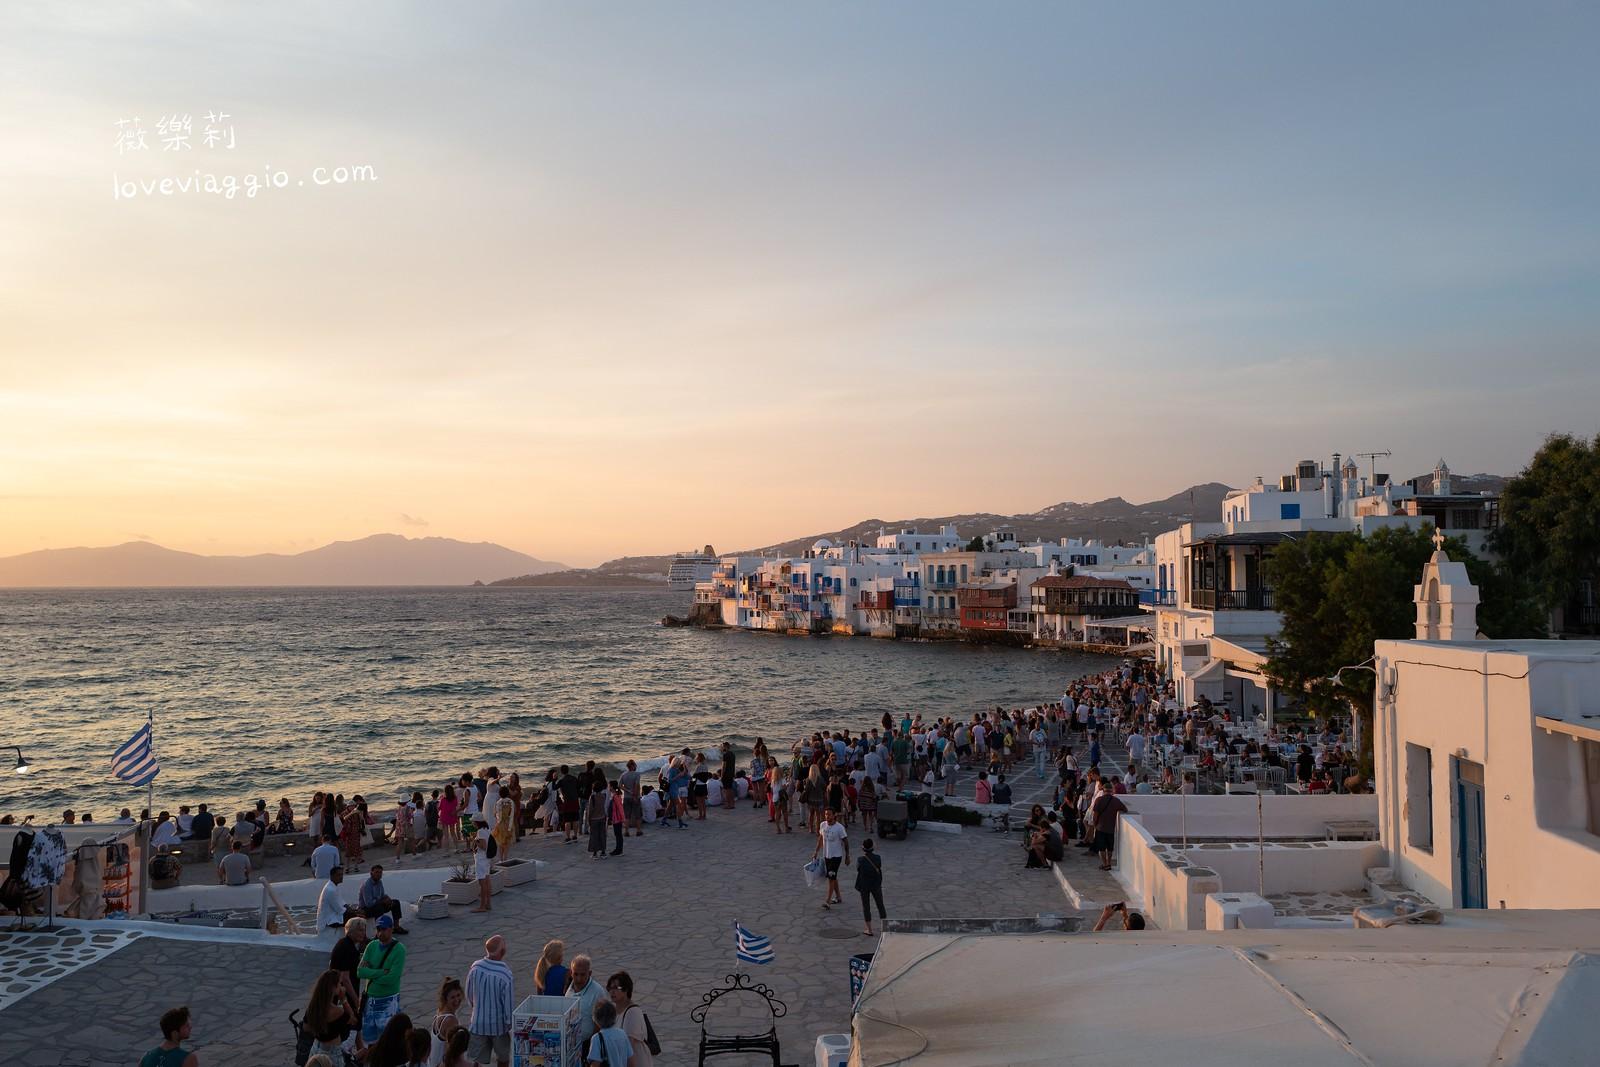 【米克諾斯 Mykonos】夕陽最美地點 小威尼斯與卡托米利風車 @薇樂莉 Love Viaggio   旅行.生活.攝影